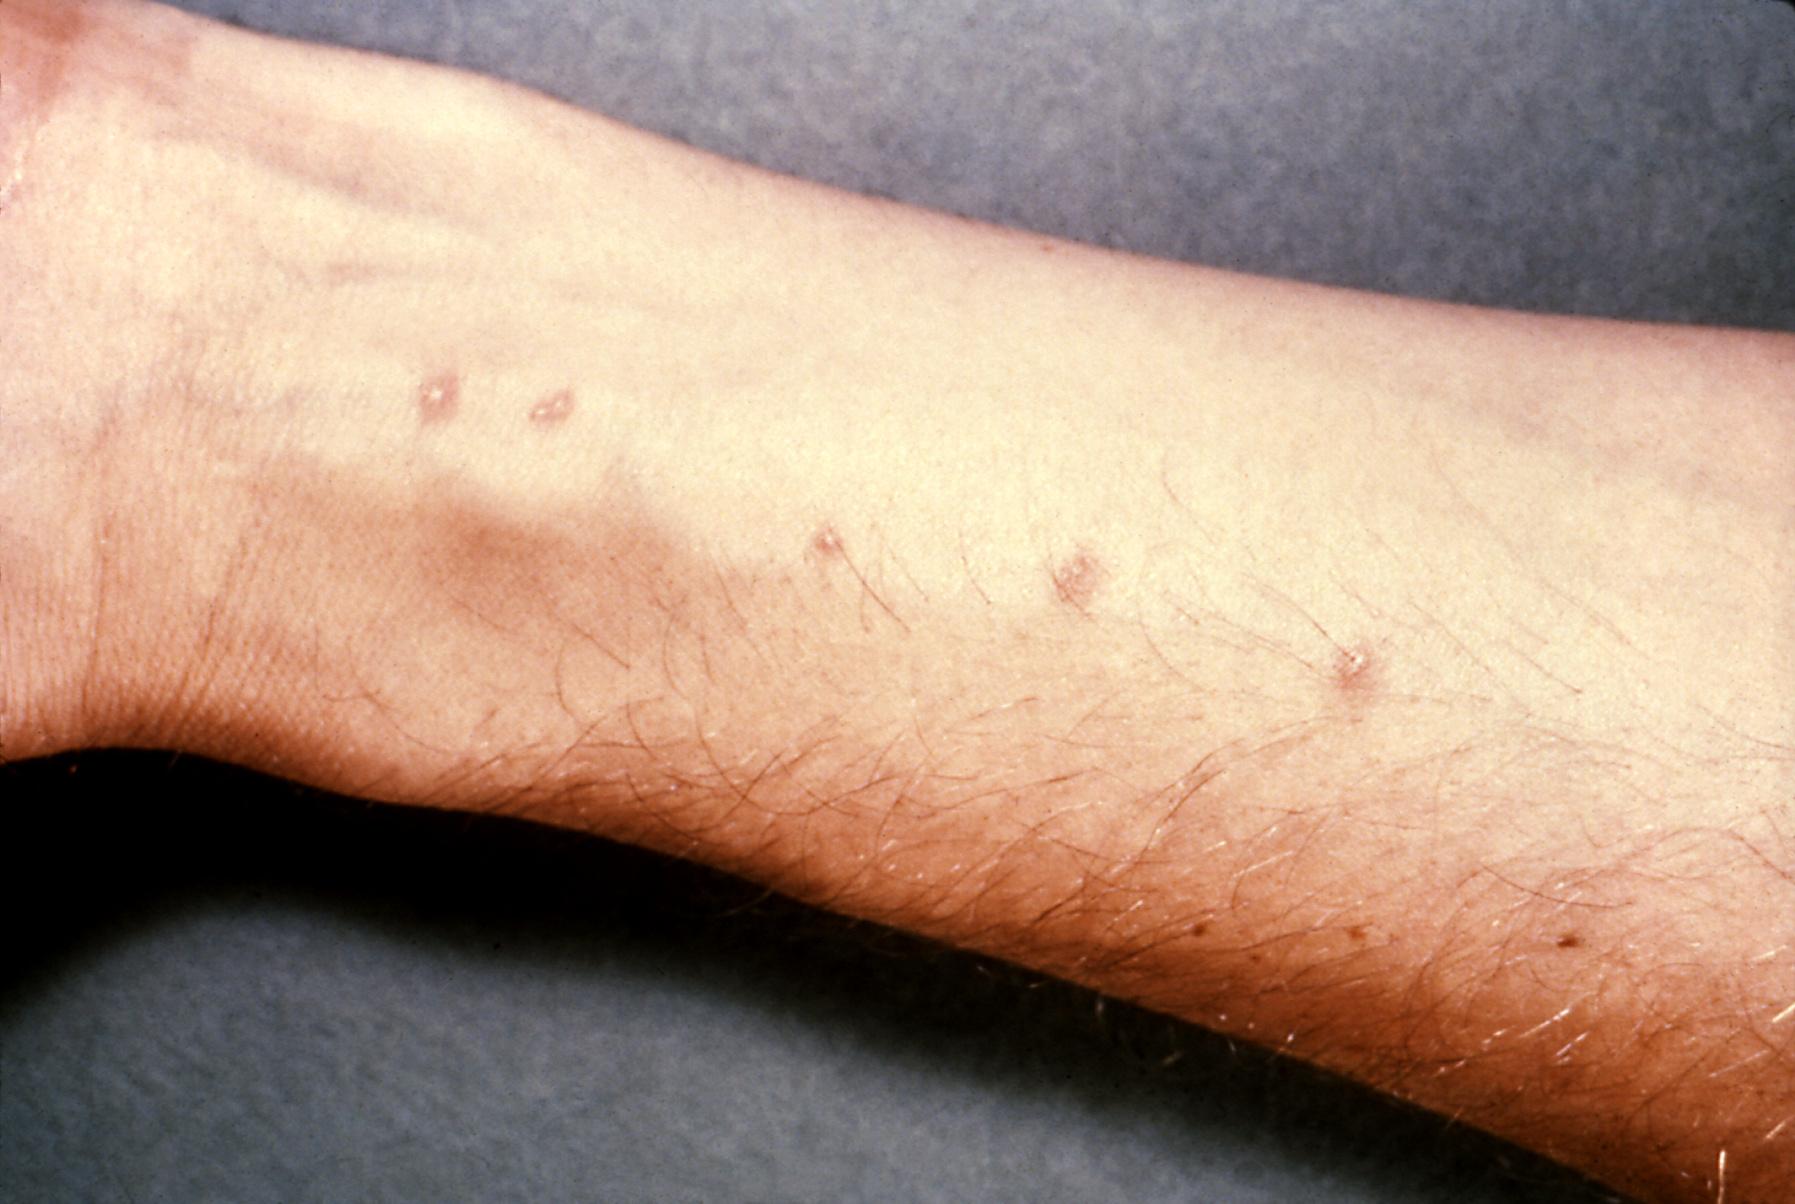 giardia skin lesions